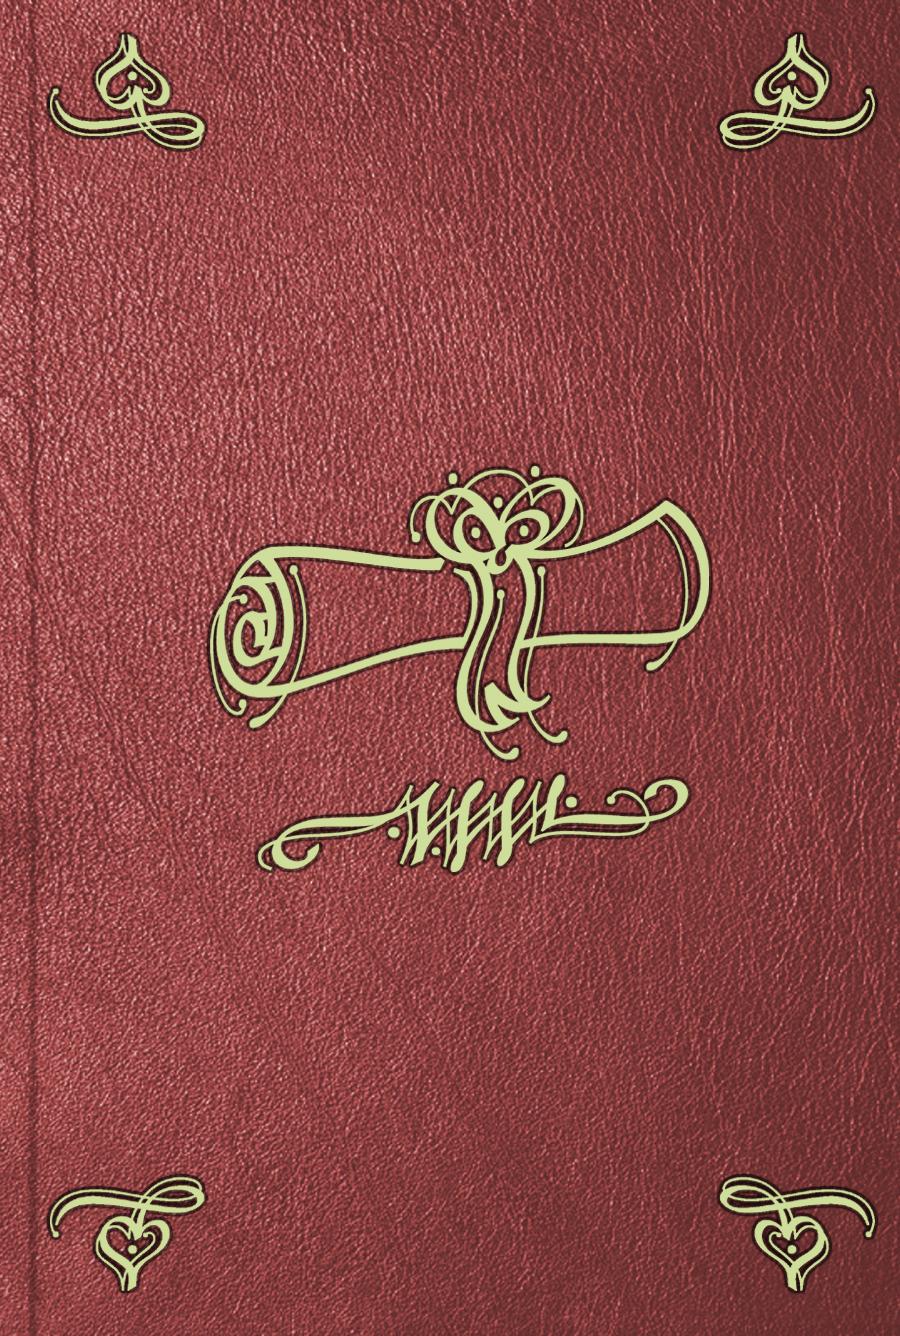 Инструкция от генерала порутчика, ея императорскаго величества генерала адьютанта, лейбгвардии подполковника и кавалера графа Брюса